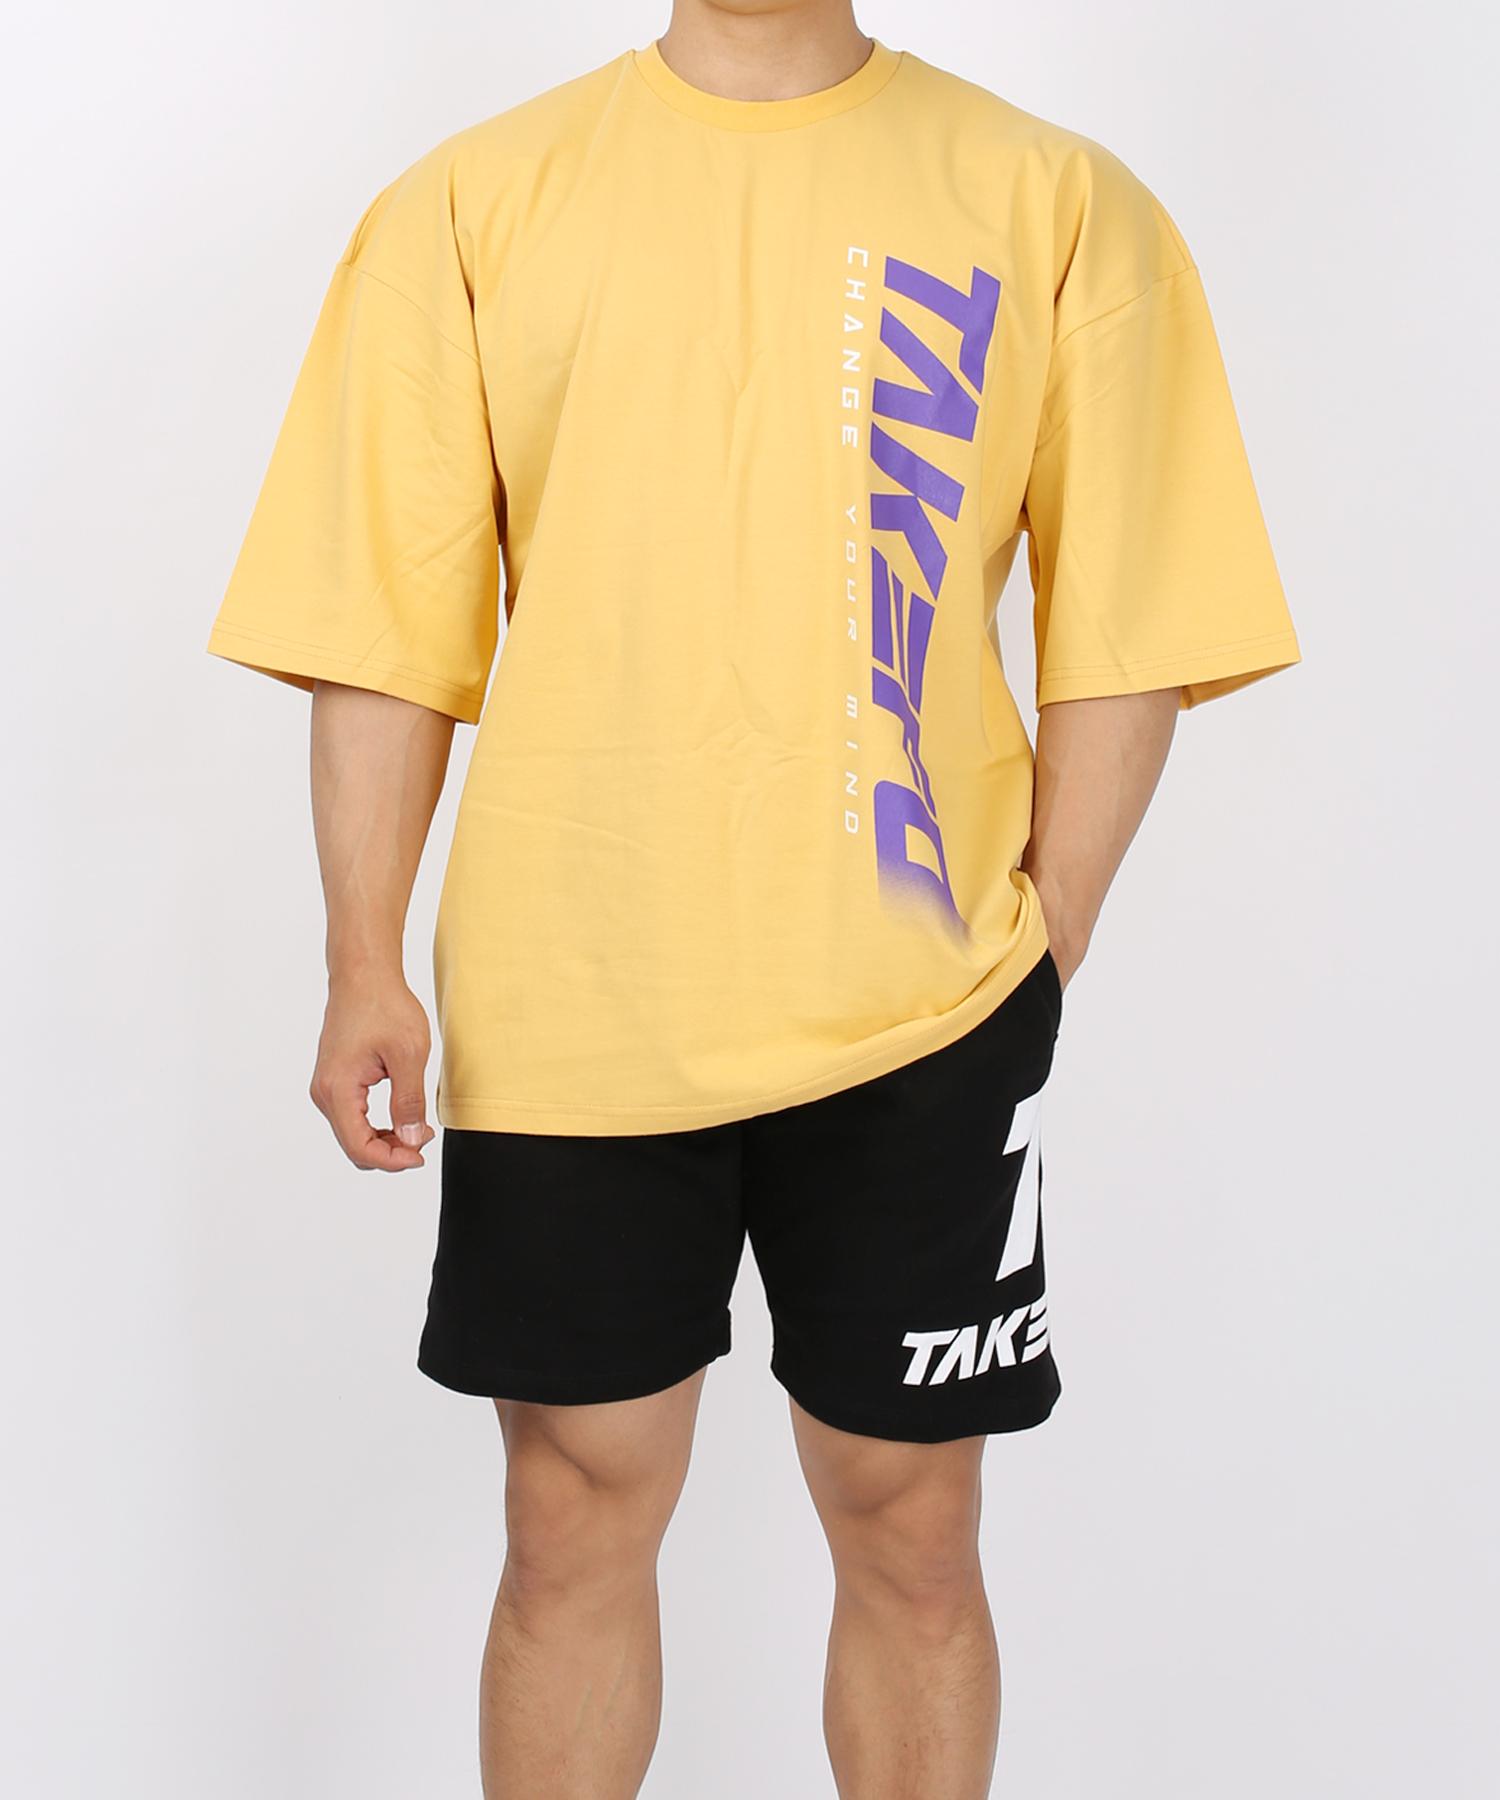 [테이크폼] 드랍 로고 반팔티 옐로우